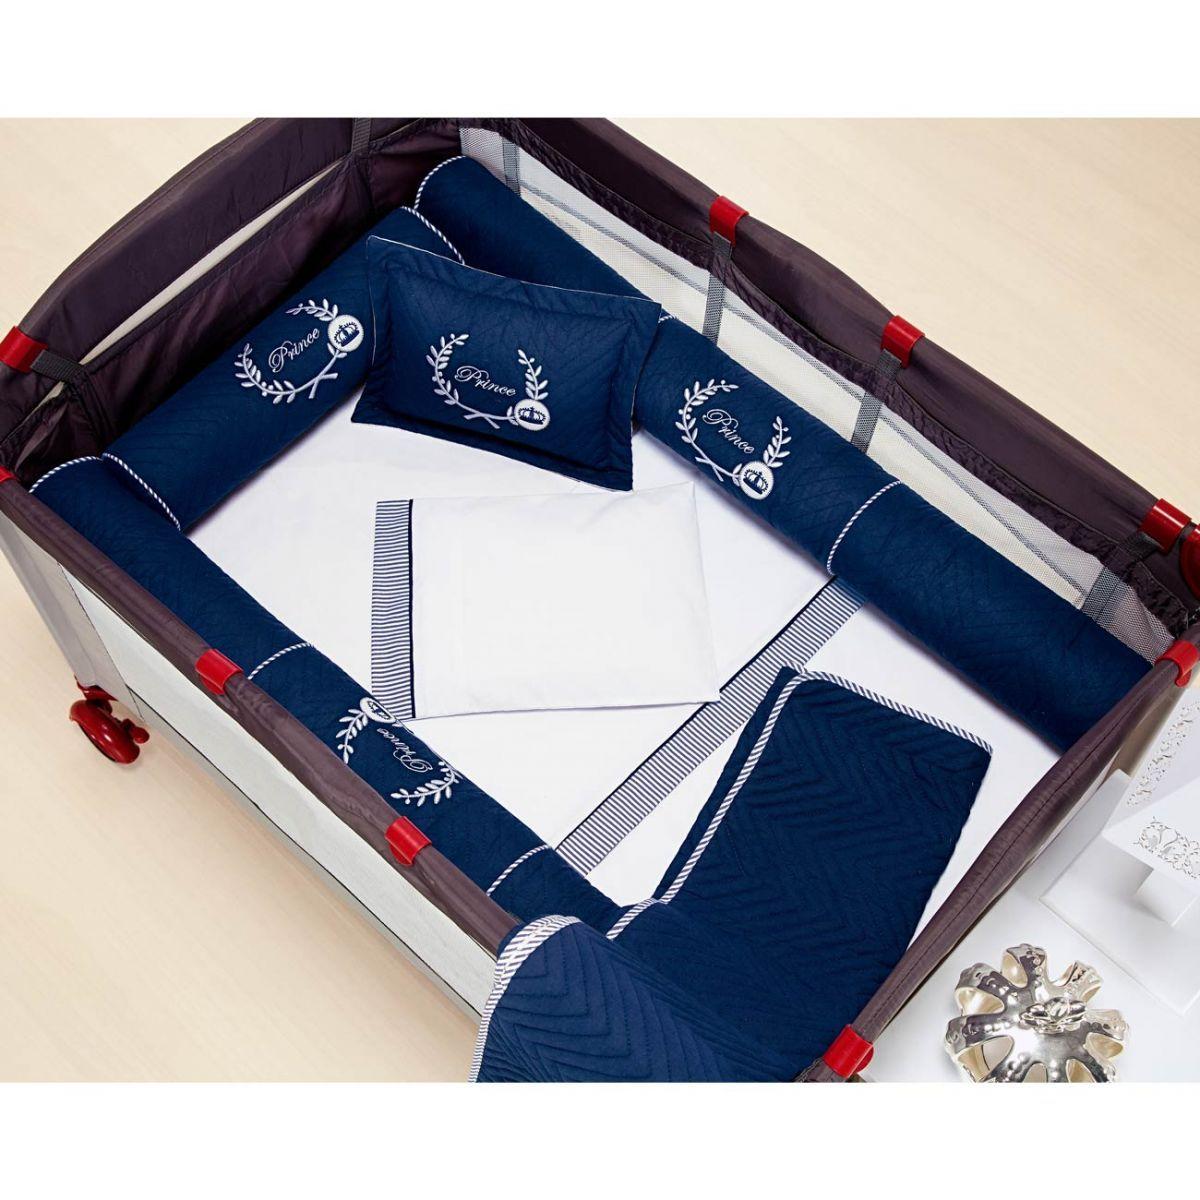 Kit para Berço Desmontável (Cercadinho) 8 Peças com jogo de Lençol 100% Algodão - Marinho